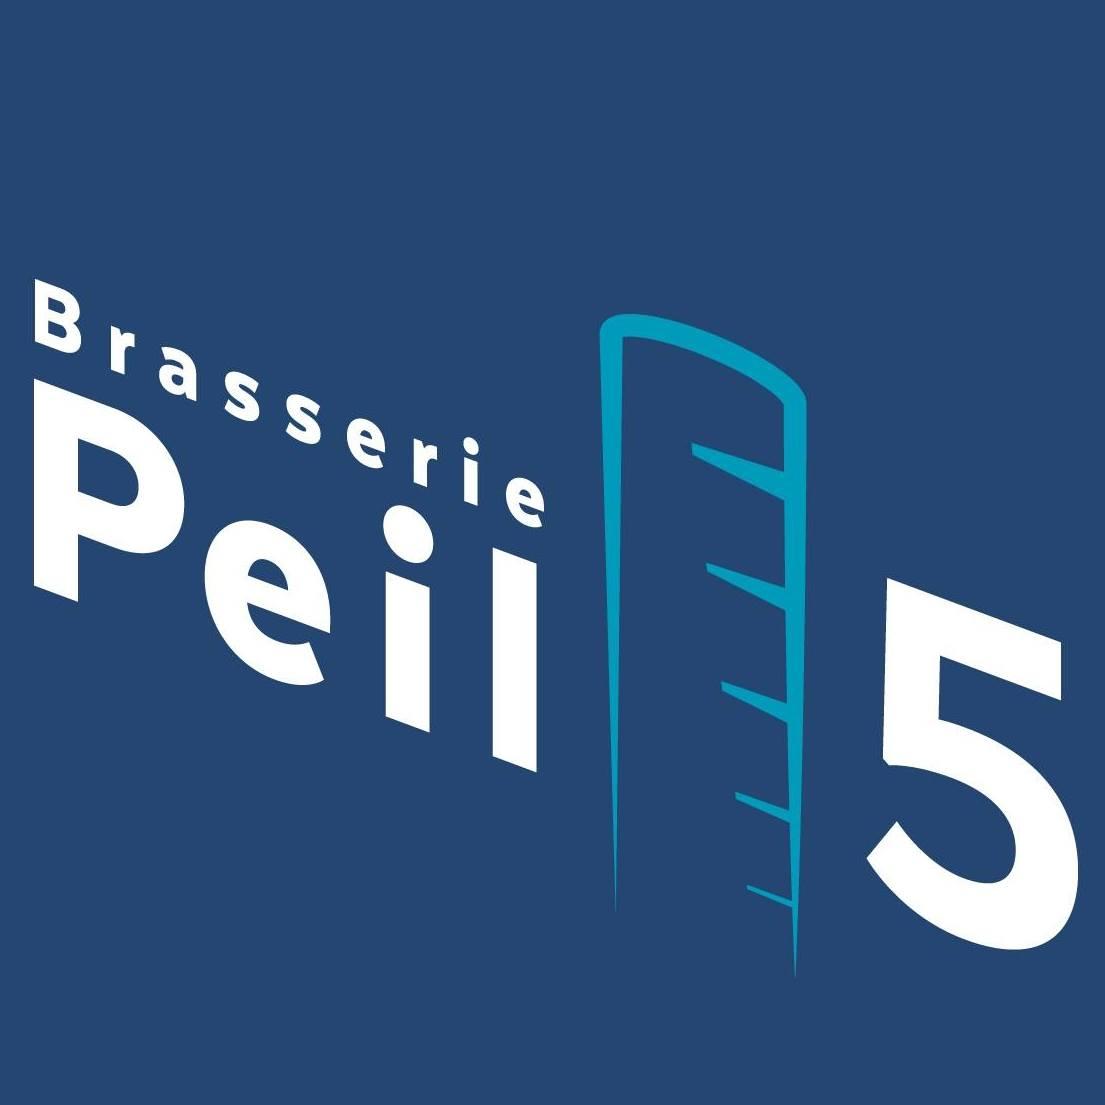 Brasserie Peil 5